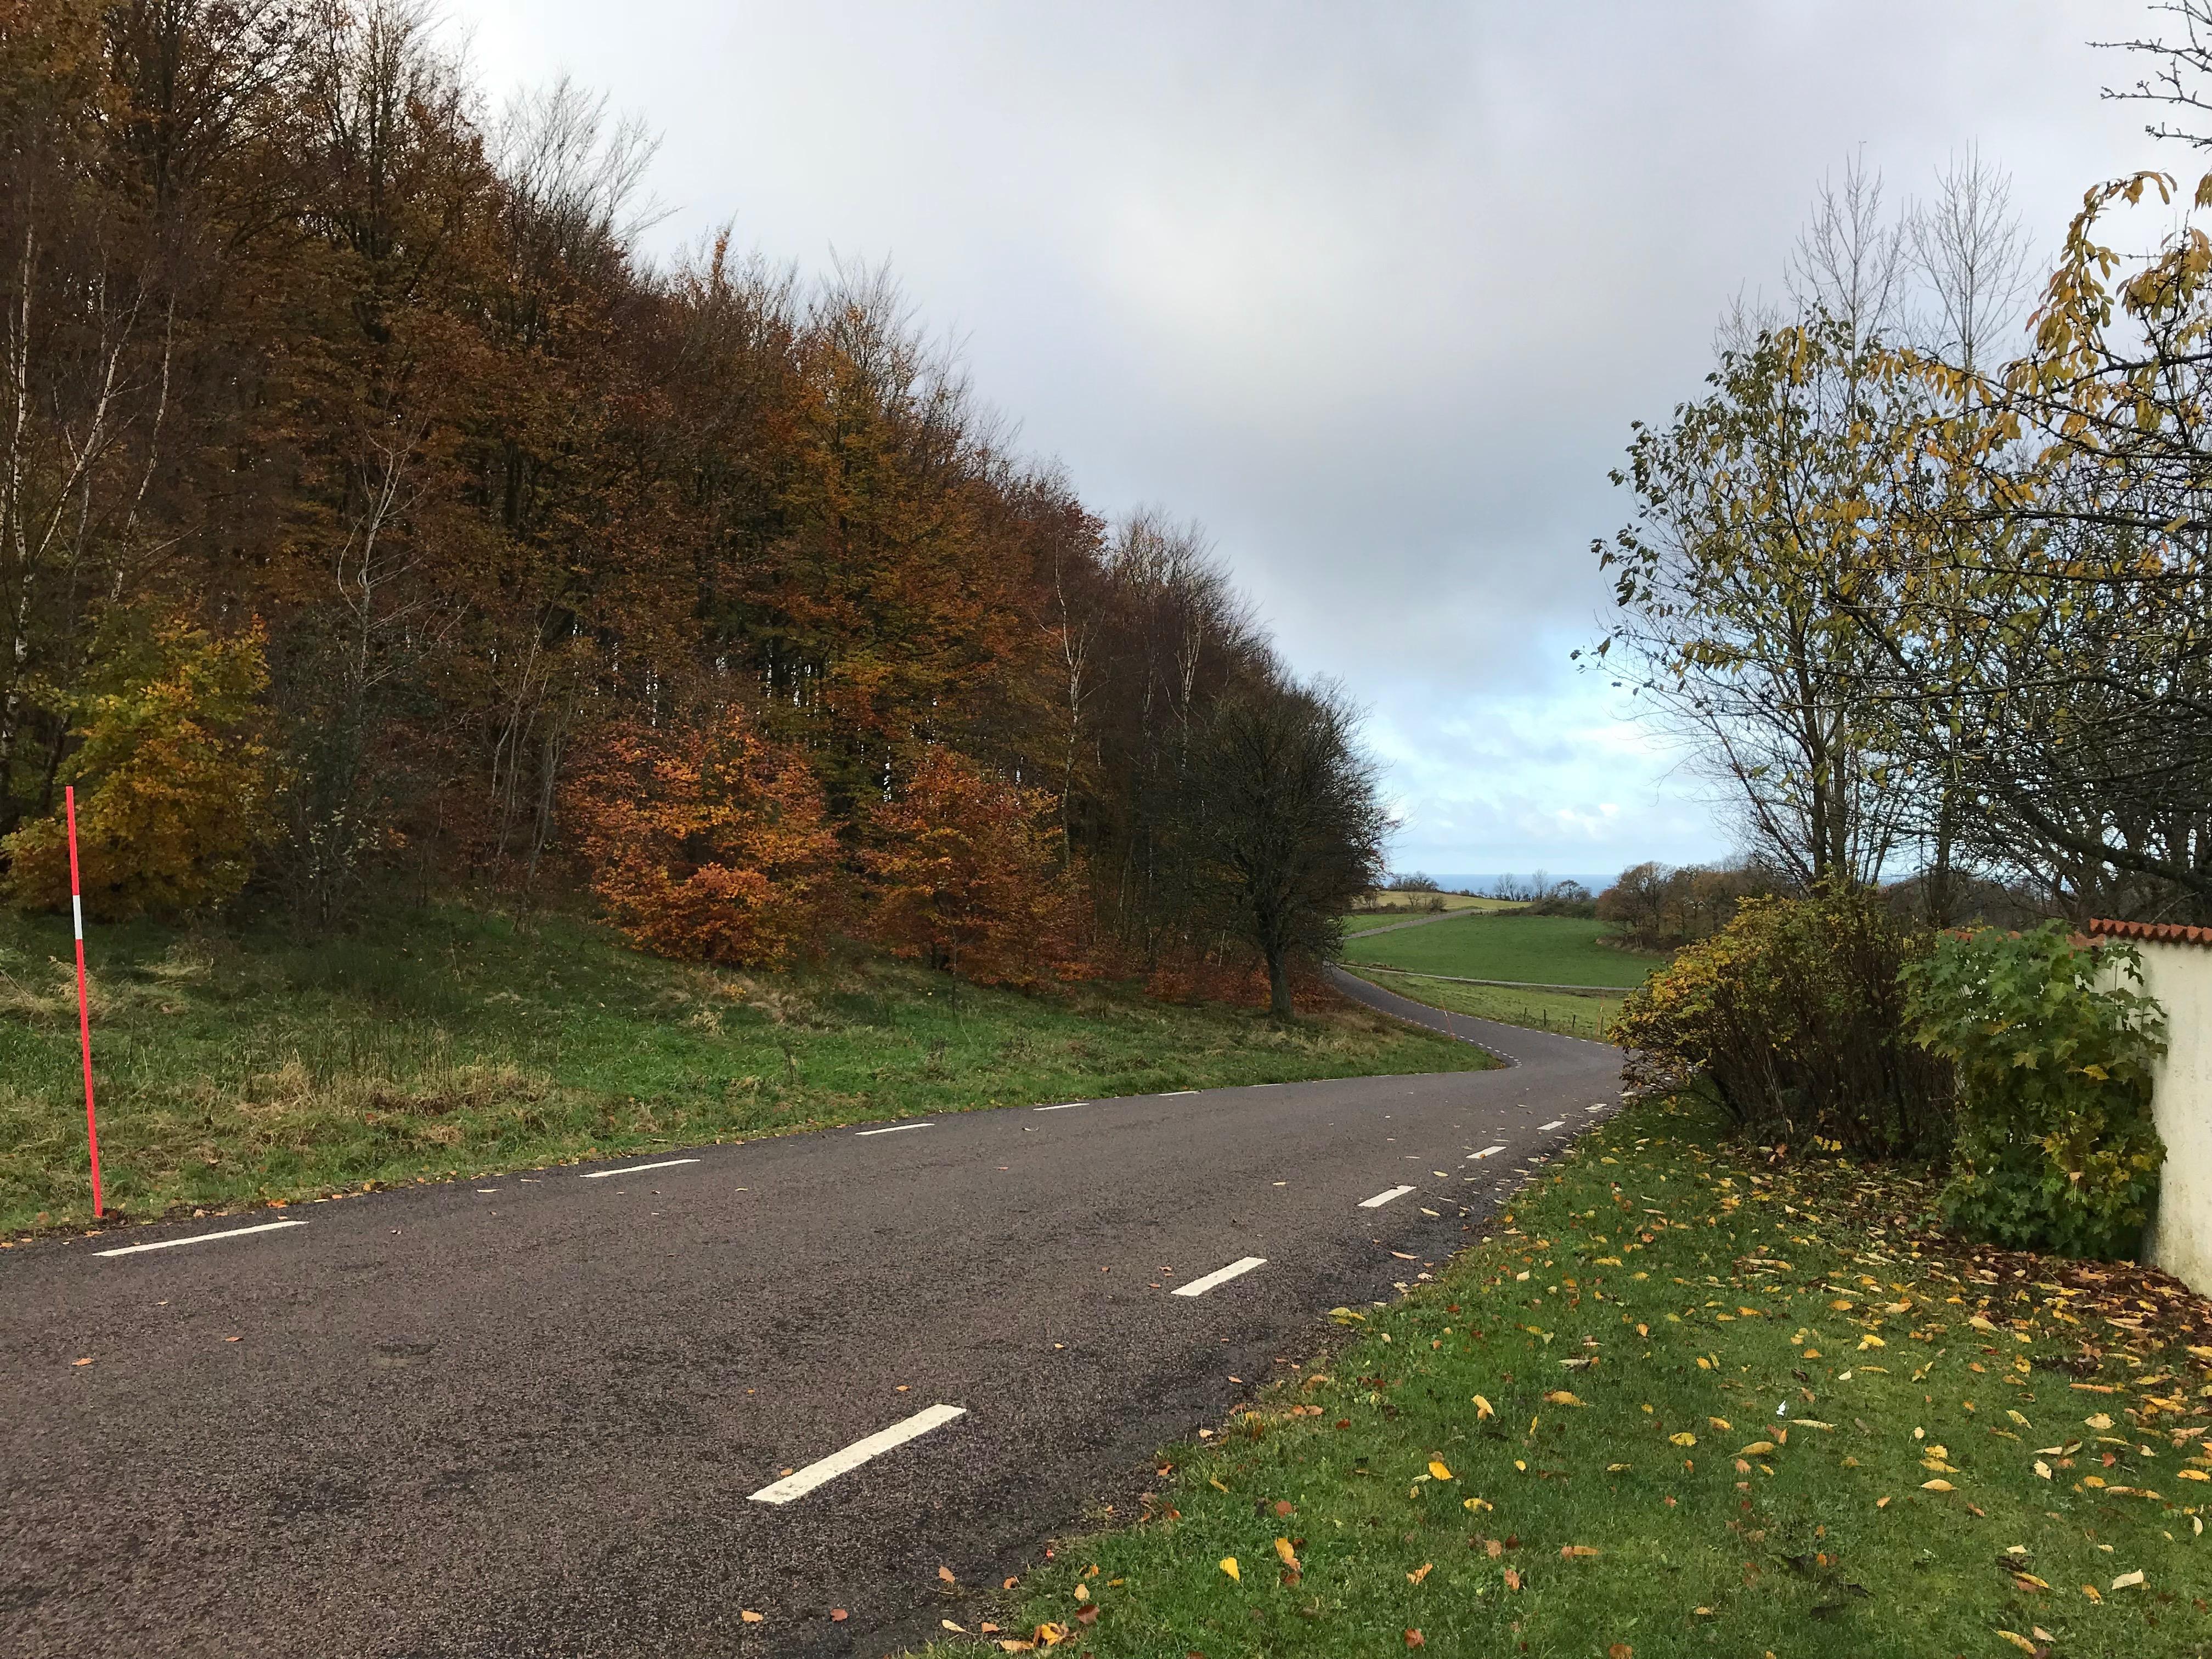 I november är bilarna få - vilken njutning med slingrande - nästan bilfria - asfaltvägar.